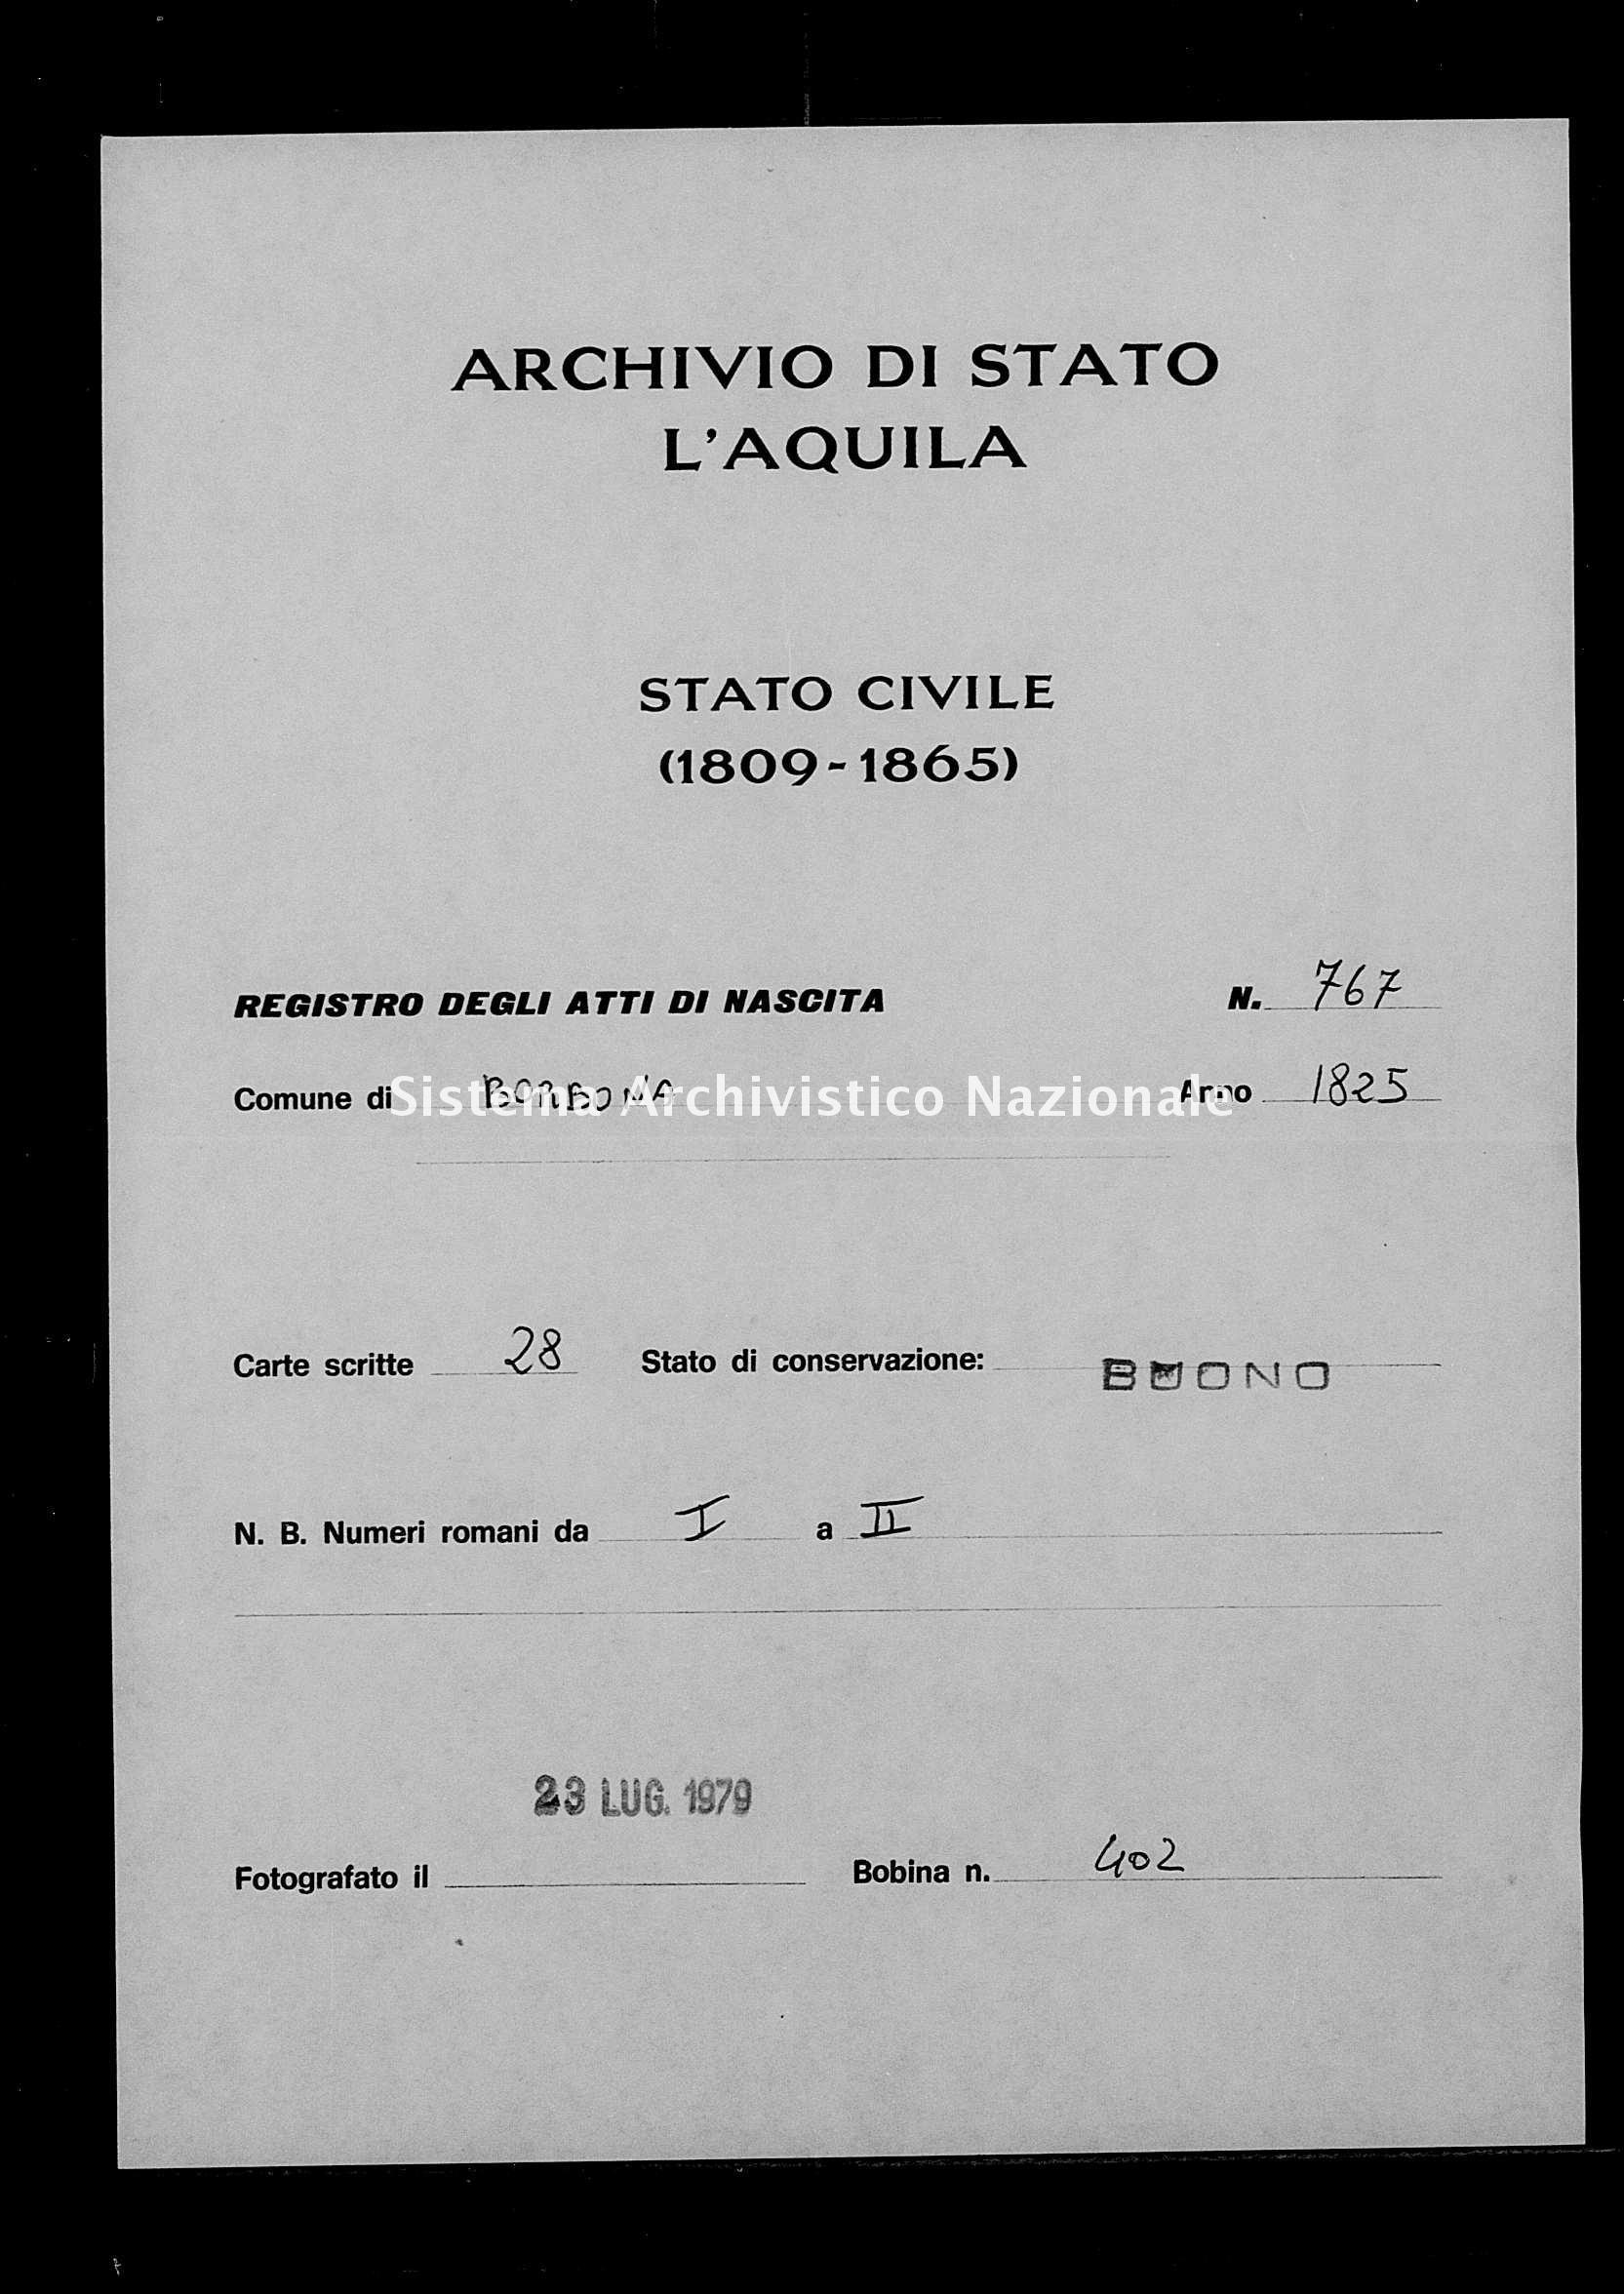 Archivio di stato di L'aquila - Stato civile della restaurazione - Borbona - Nati - 1825 - 767 -